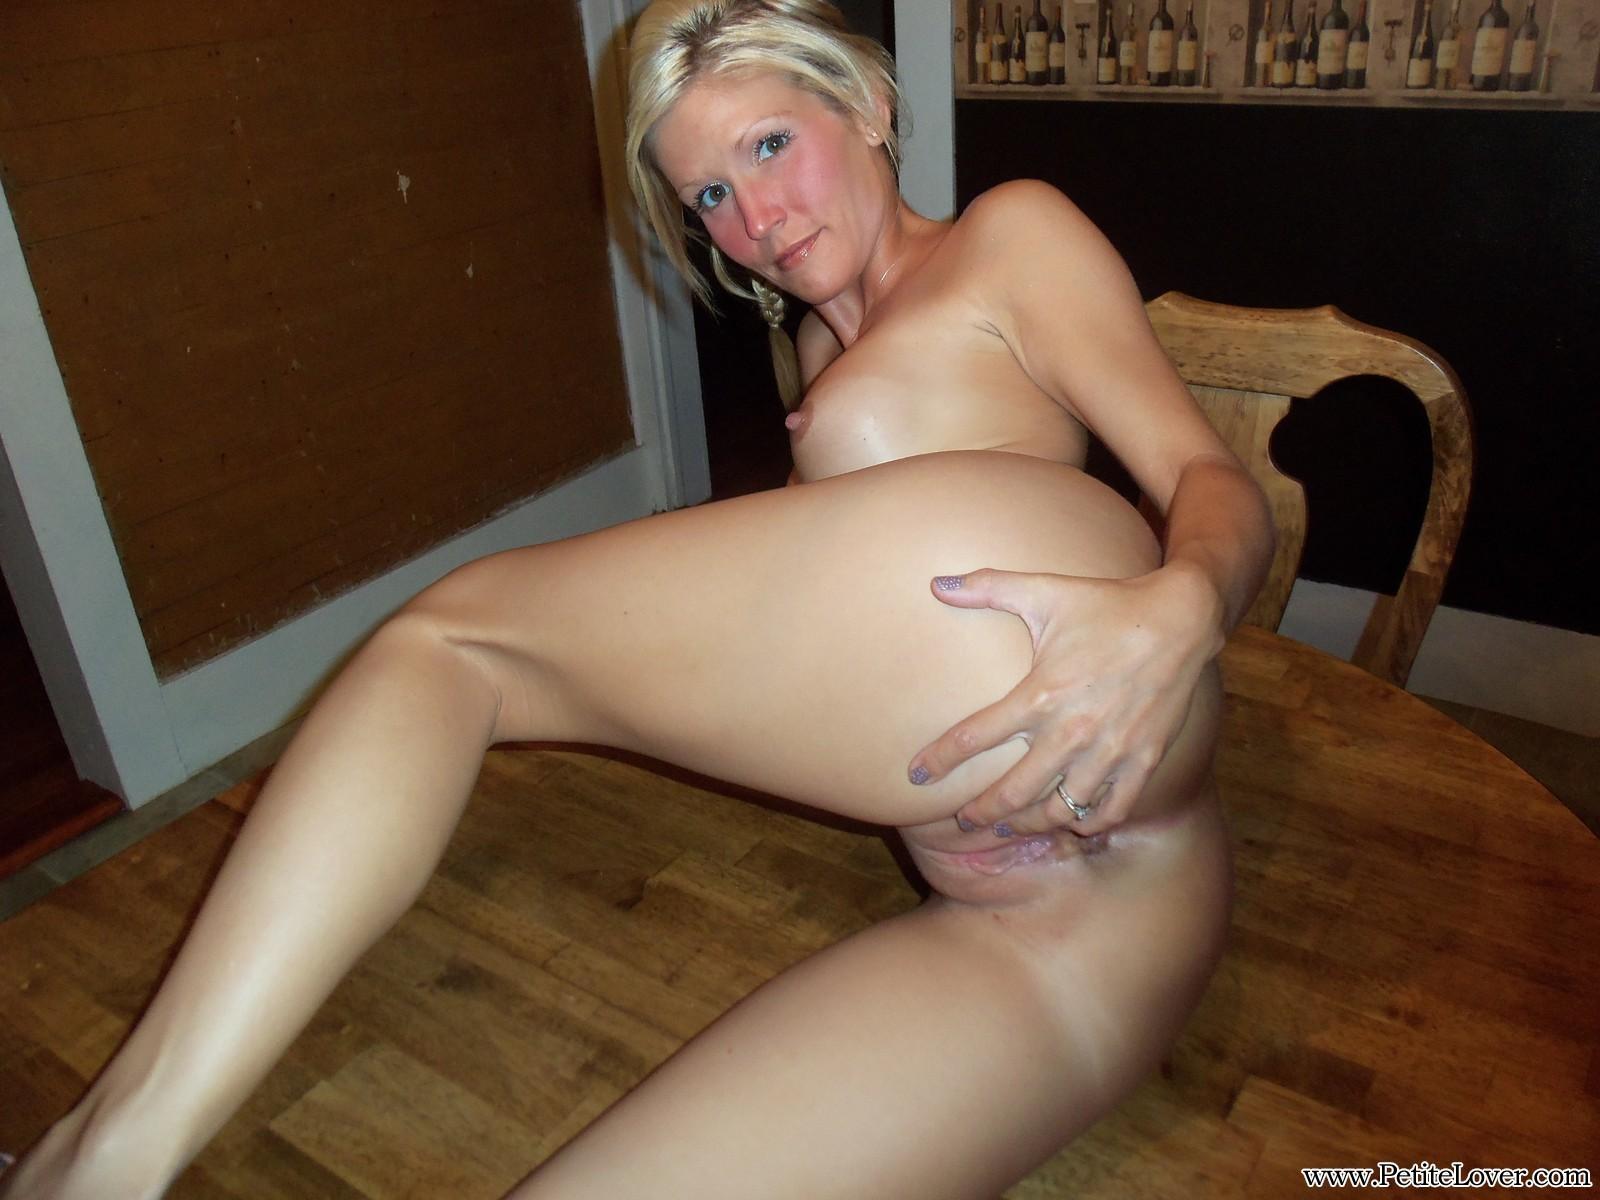 Роскошная и чудесная блондинка демонстрирует сиськи и киску